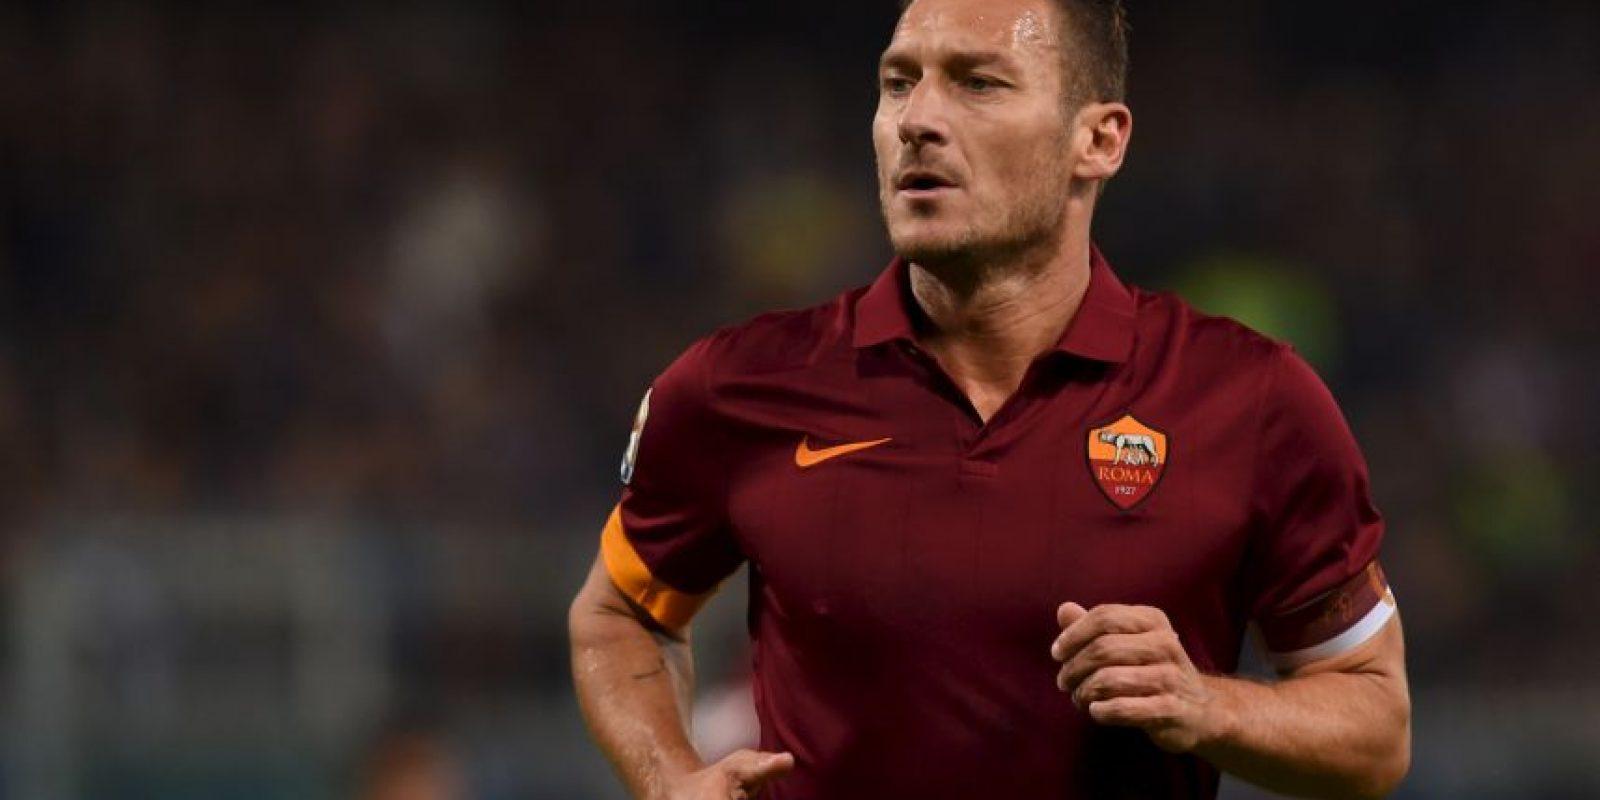 Francesco Totti anotó 14 goles de tiro libre Foto:Getty Images